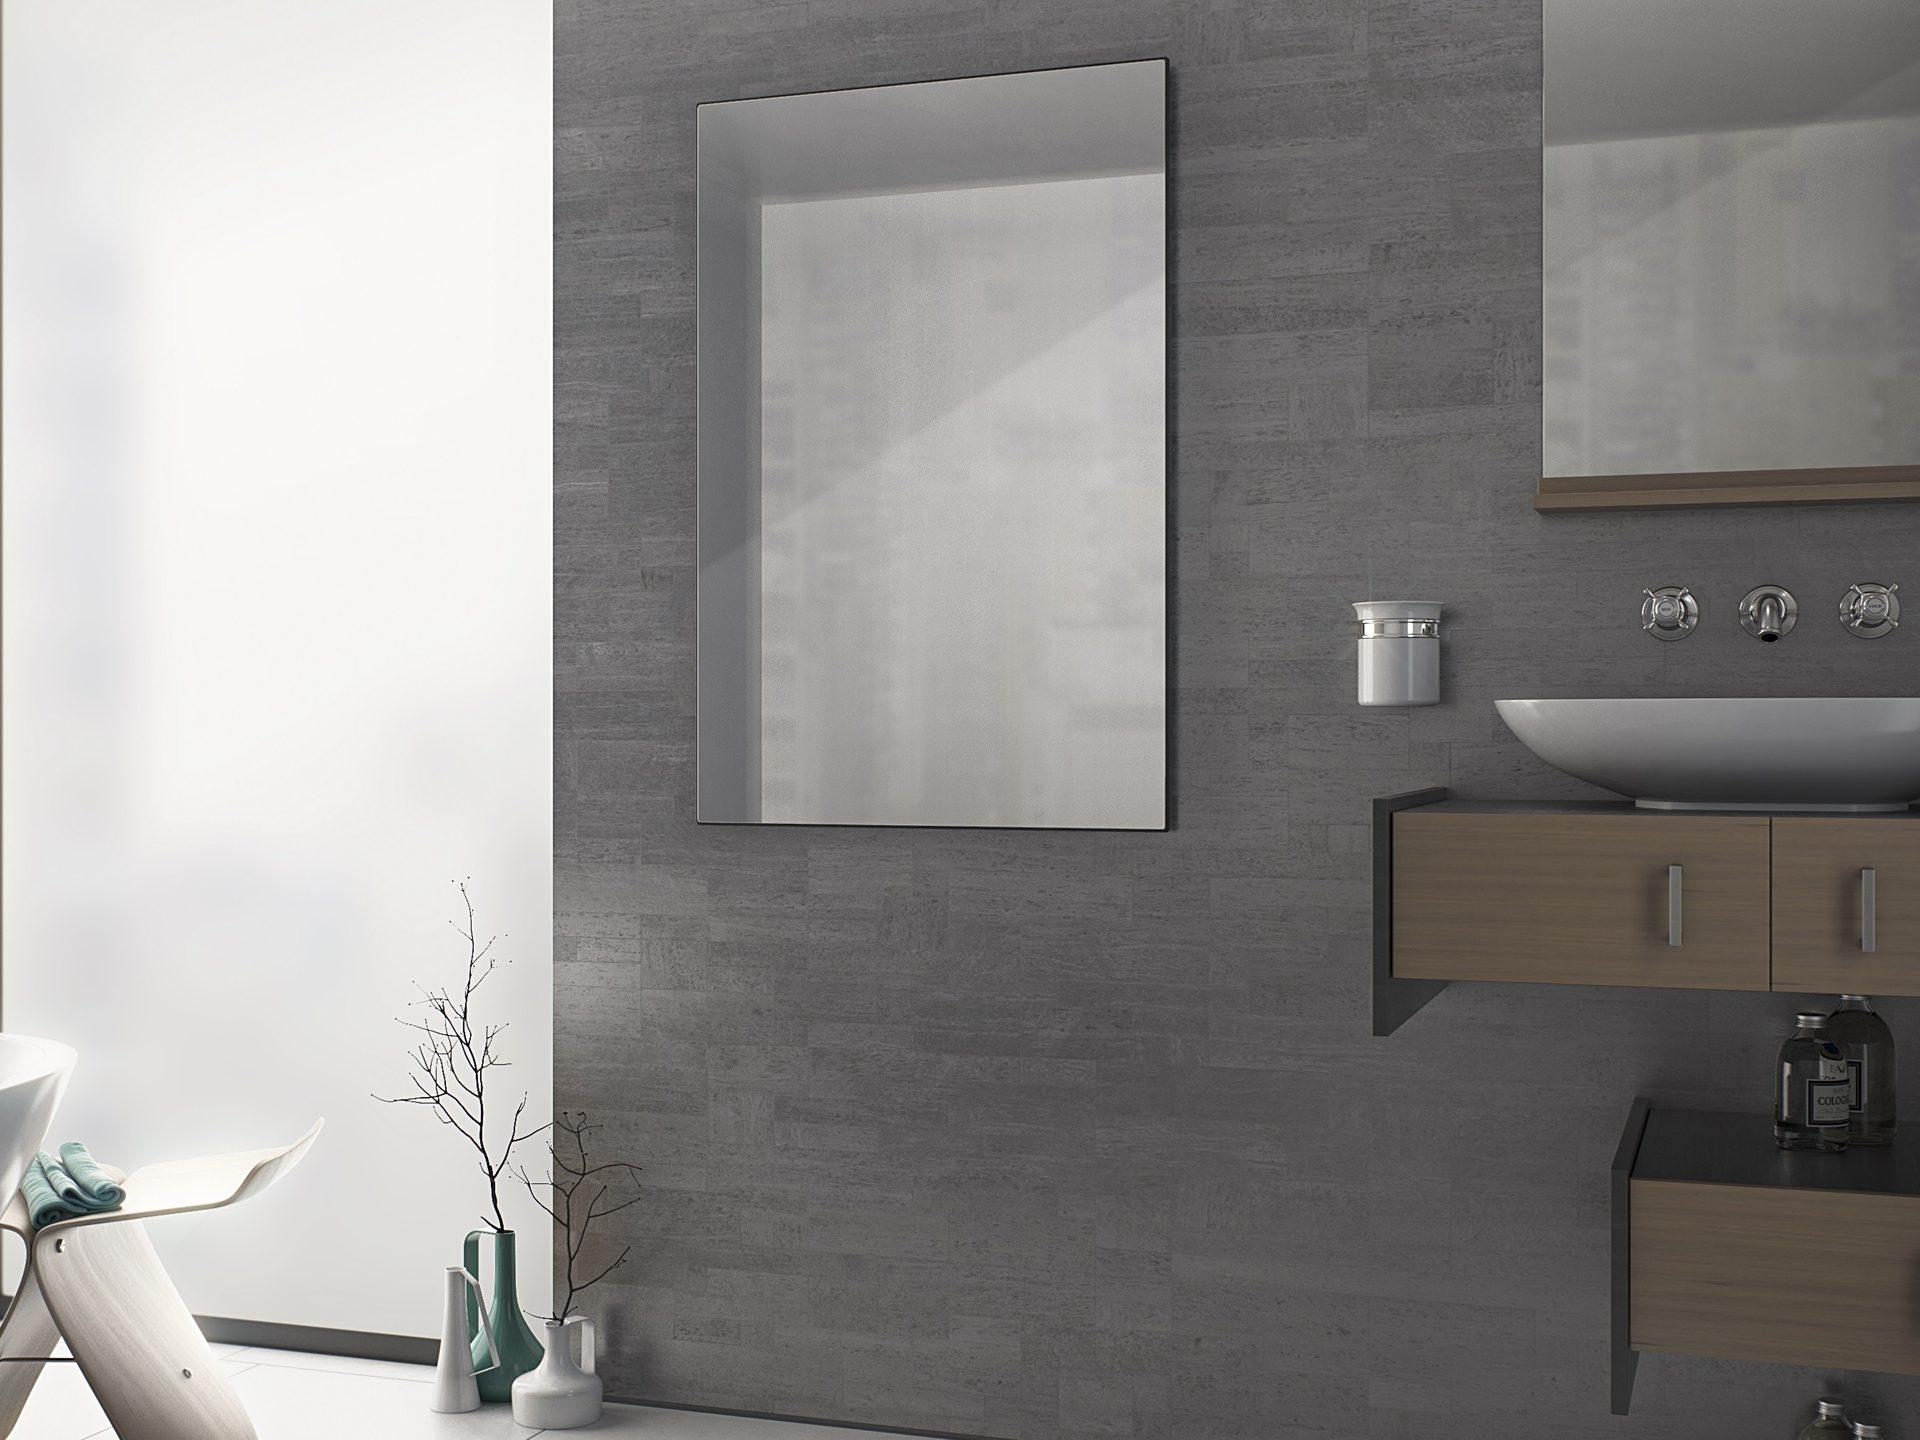 Infrarot Spiegelheizung 20 x 20 cm 200 Watt   Bad Design Heizung